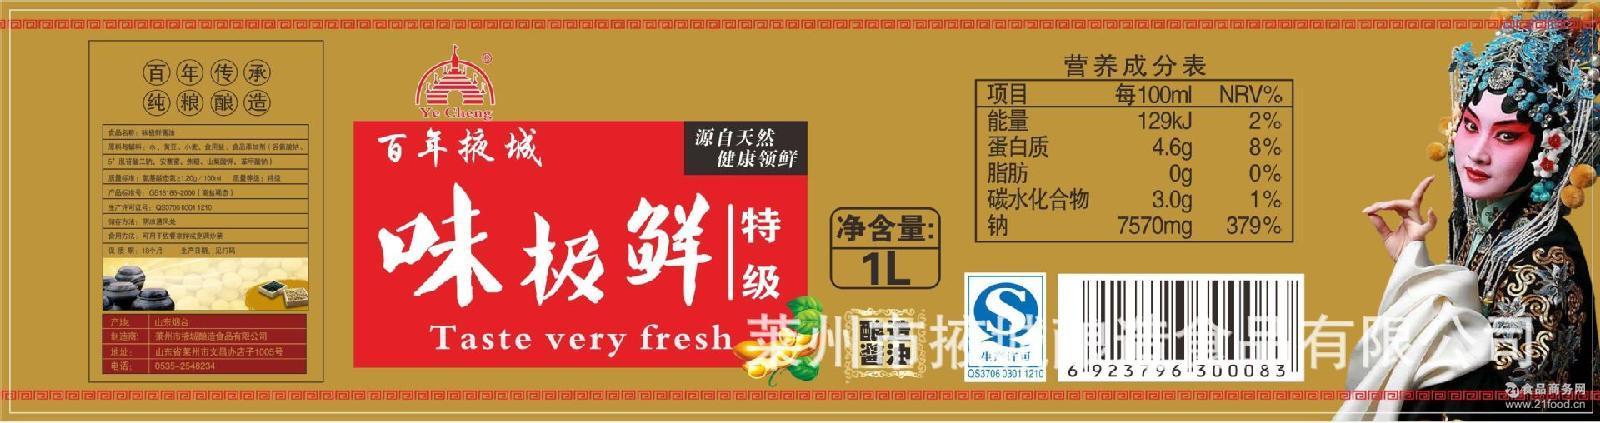 新品发布调味品*产品网络热卖 山东美味鲜 供应1升特级味极鲜